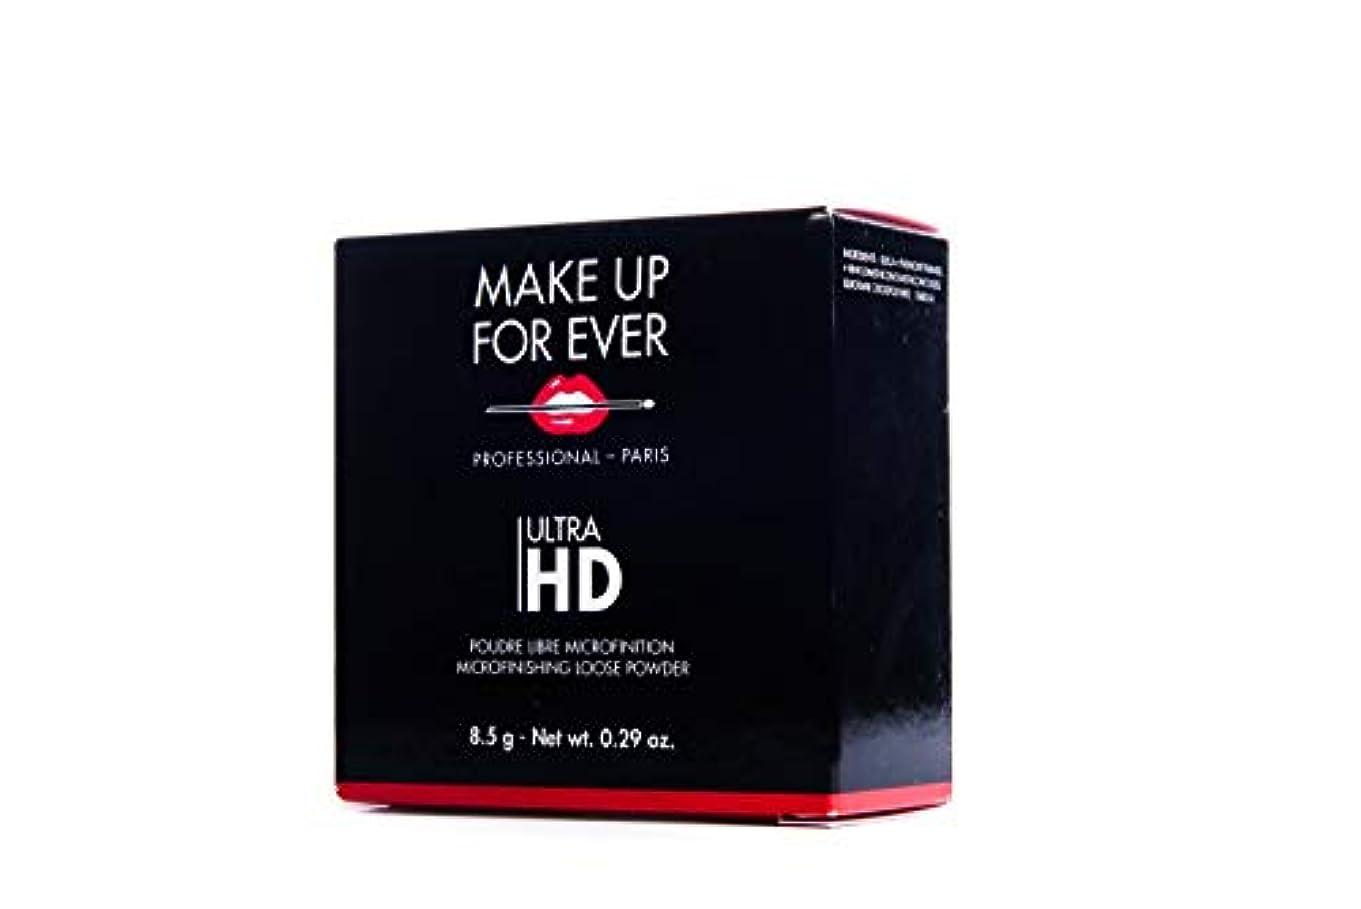 採用する落ち着いたオフセットメイクアップフォーエバー ウルトラ HD ルースパウダー 8.5g [リニューアル]